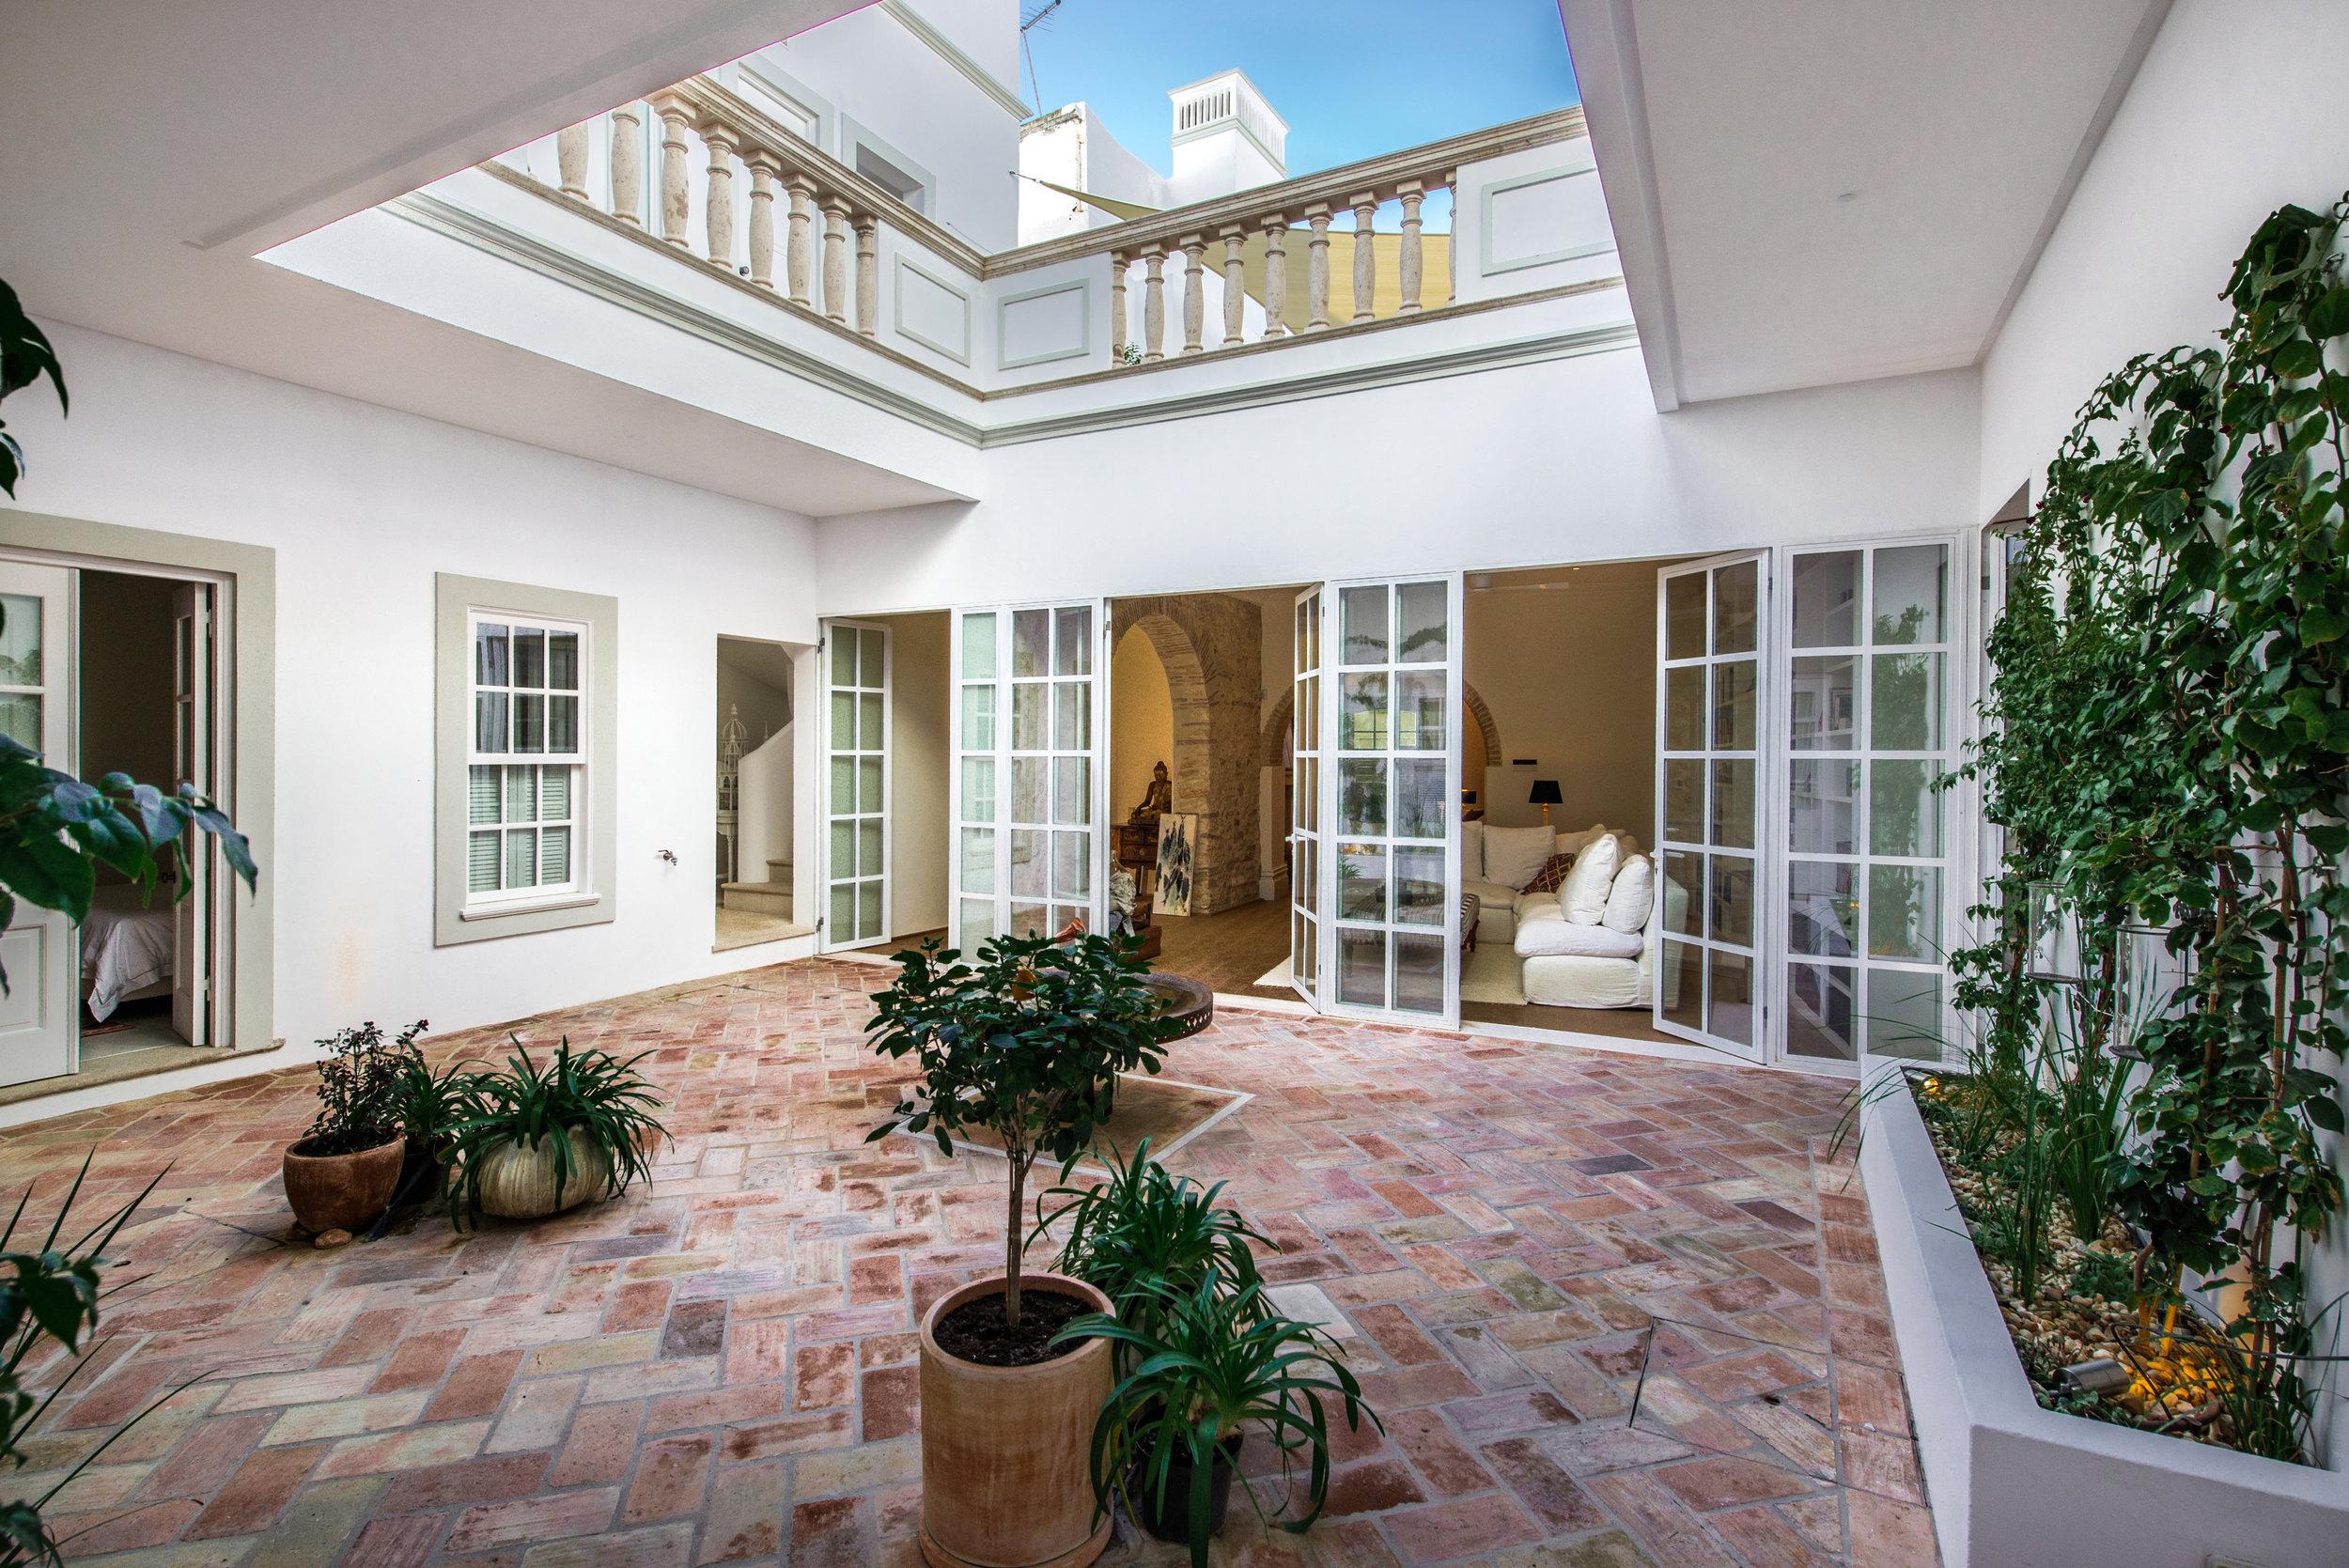 courtyard - Casa Fuzetta (184).jpg